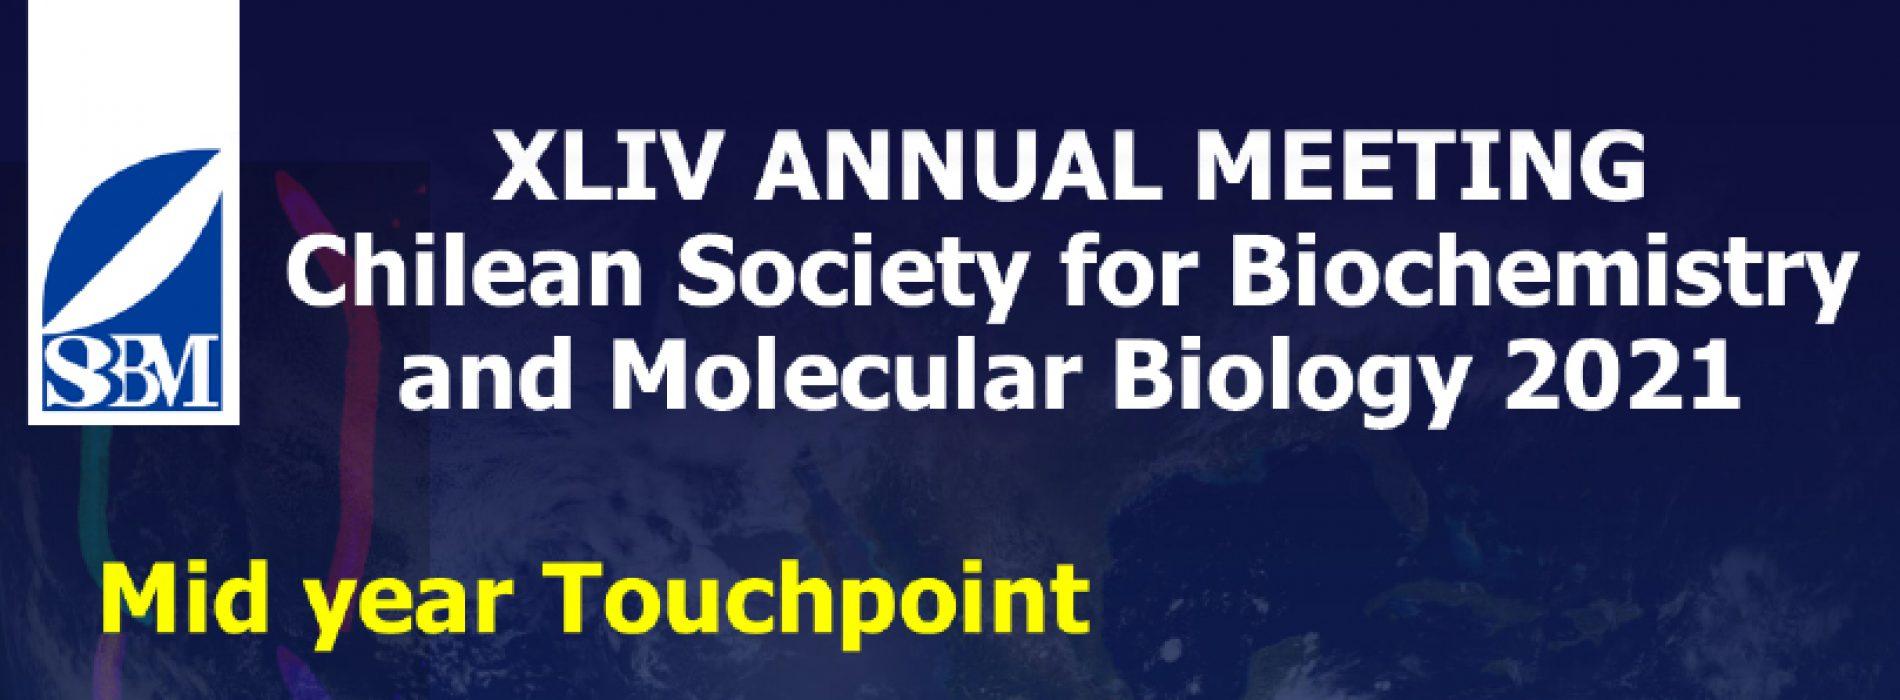 Simposio Cono Sur de la Sociedad de Bioquímica y Biología Molecular del país reunió a 4 especialistas provenientes de Chile, Argentina, Uruguay y España